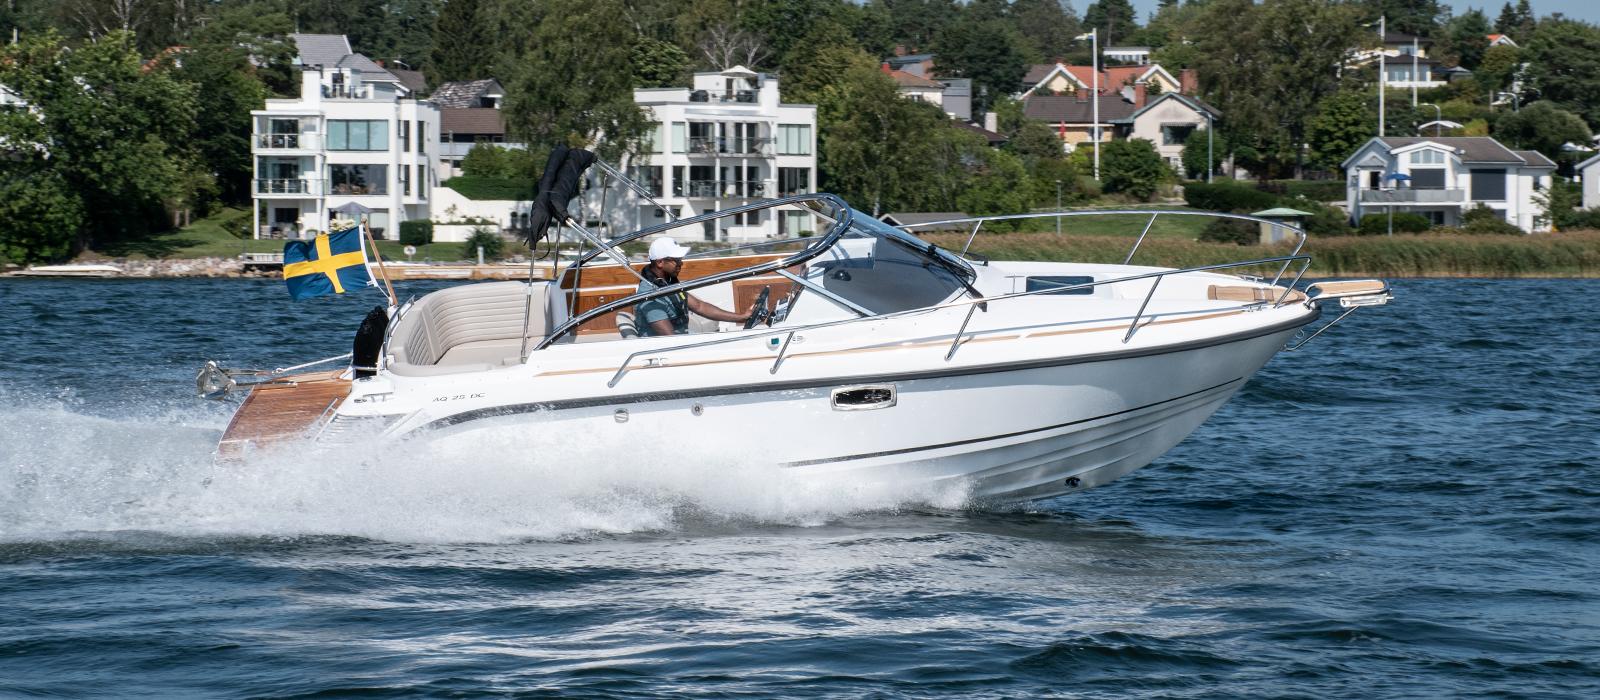 Aquador 25 dc med Mercury V6-4,5L, 250 hästare hos Flipper Marin